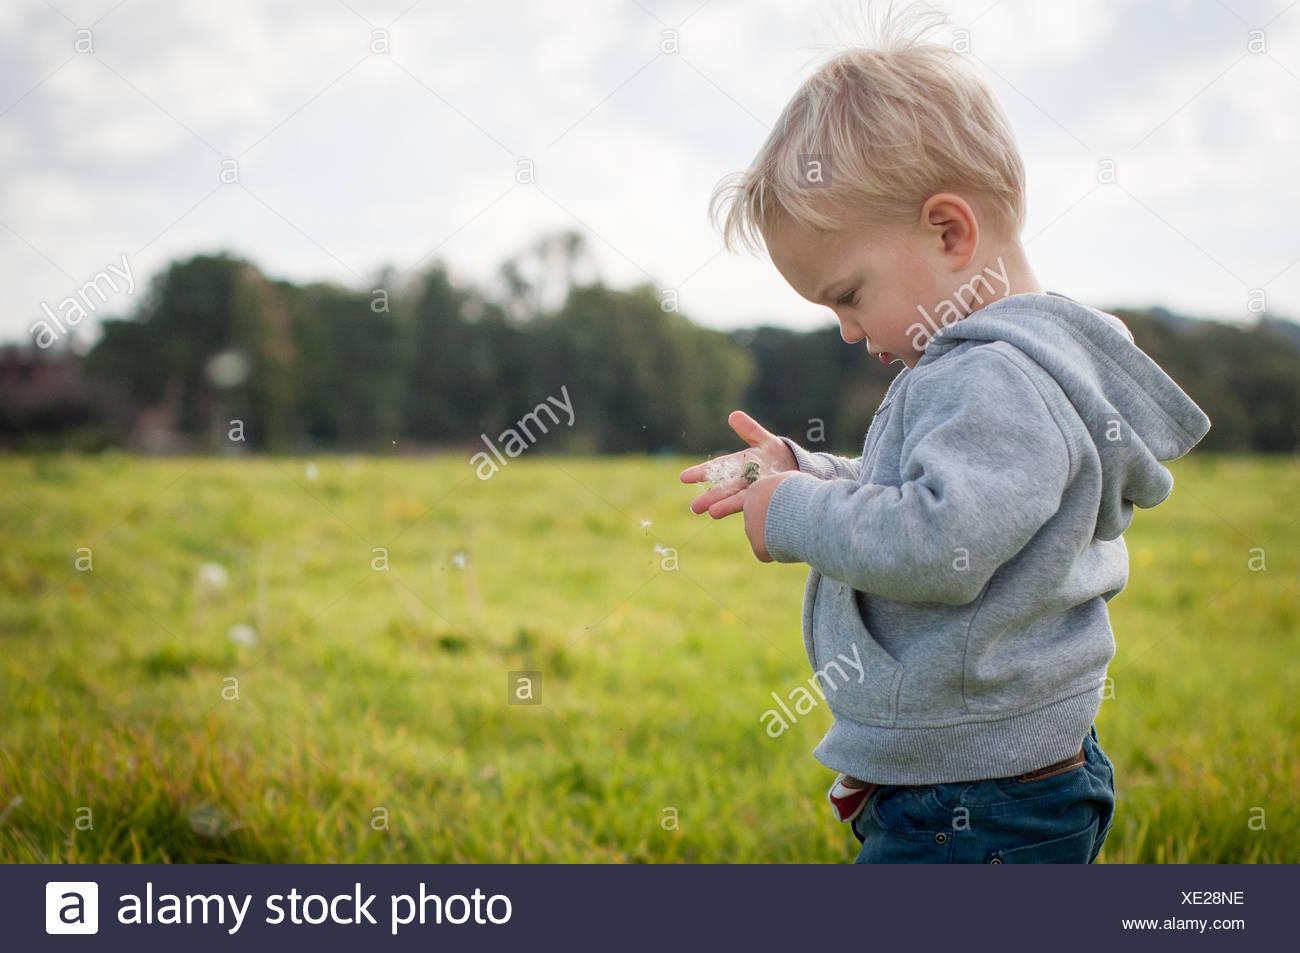 Junge in einem Feld stand Stockbild